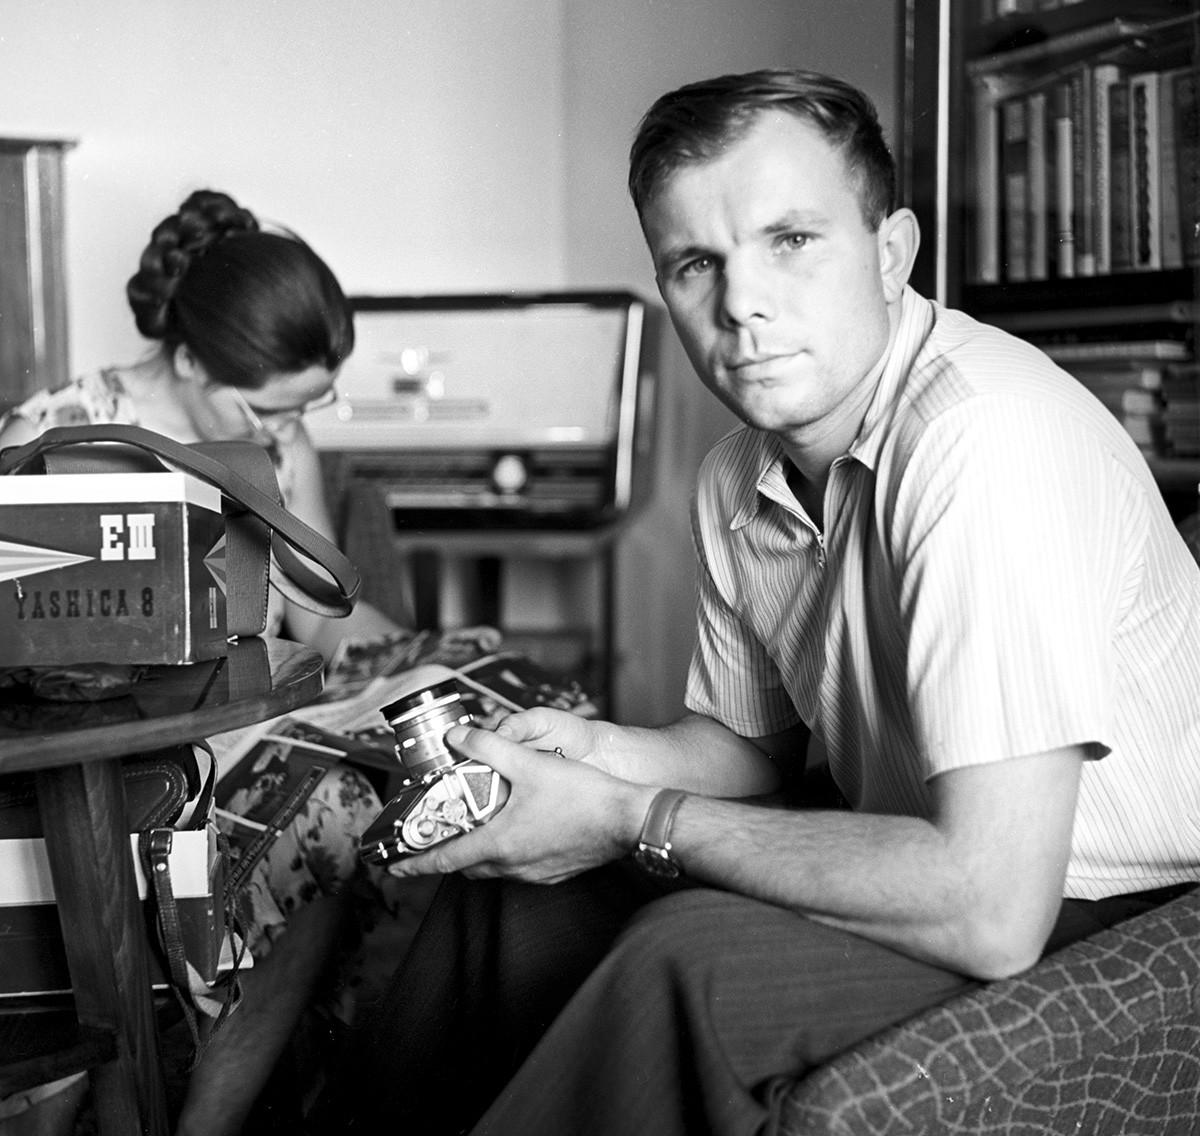 O hobby da fotografia, 1963.